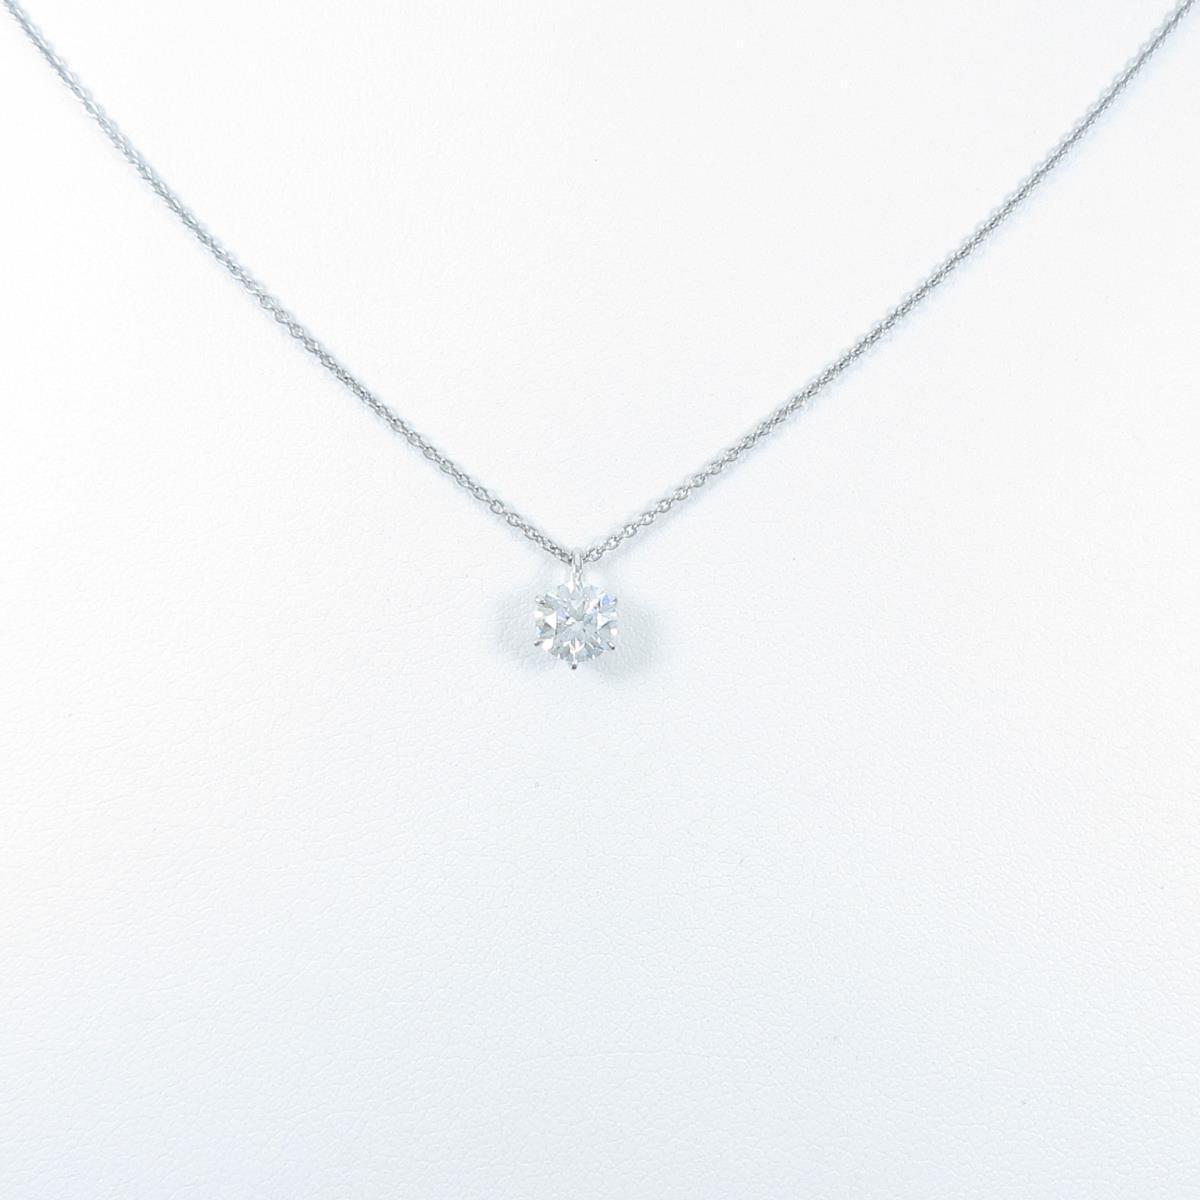 【リメイク】プラチナダイヤモンドネックレス 0.534ct・D・VVS1・VG【中古】